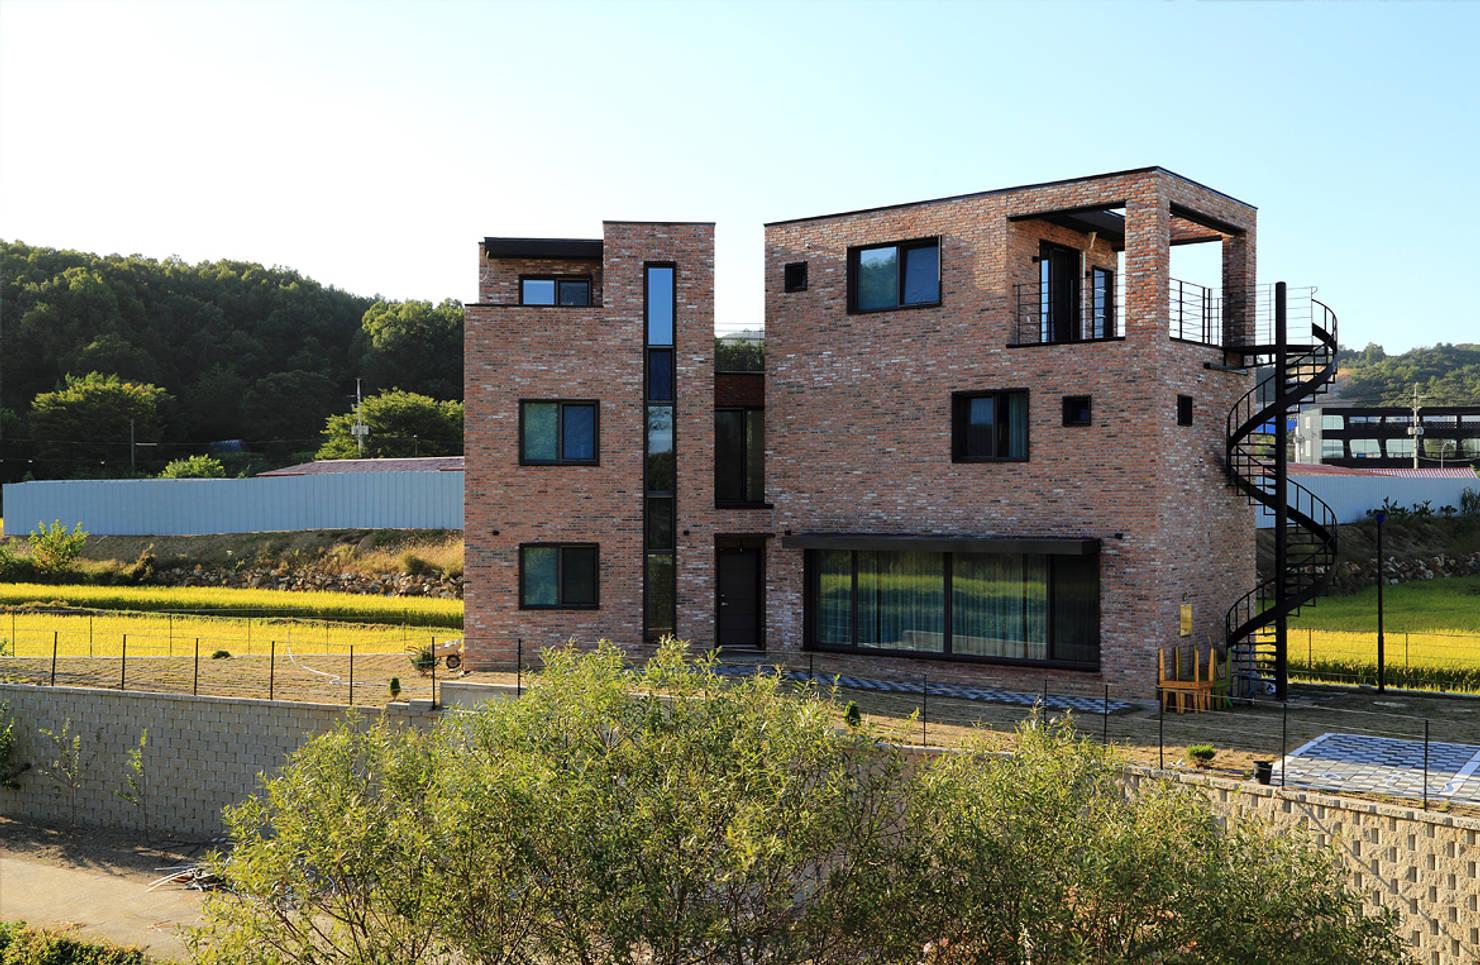 독특한 도시경관을 완성하는 부정형 대지의 주택 장단점 7